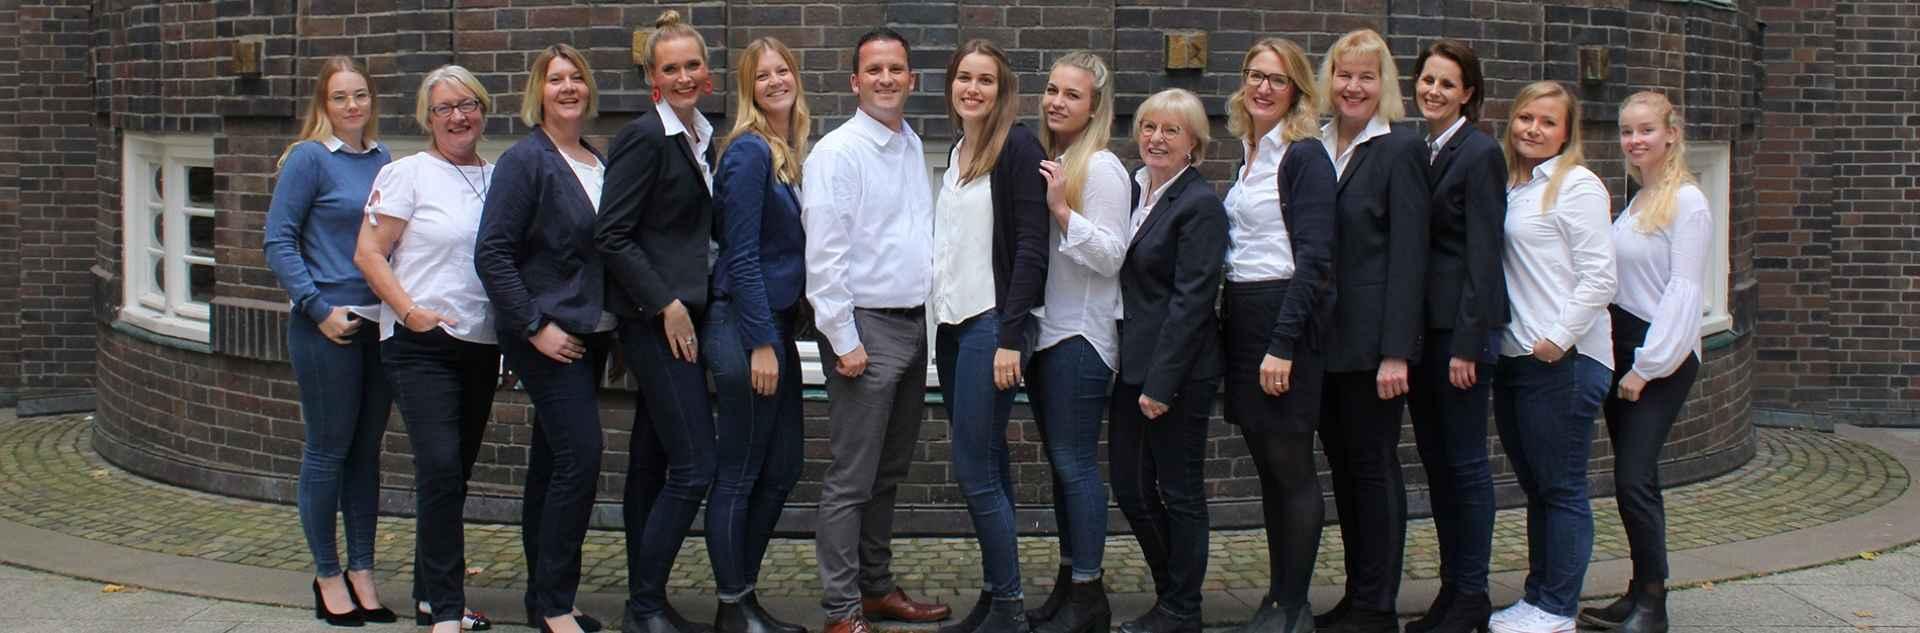 Hamburg Süd Reiseagentur Teamfoto Header